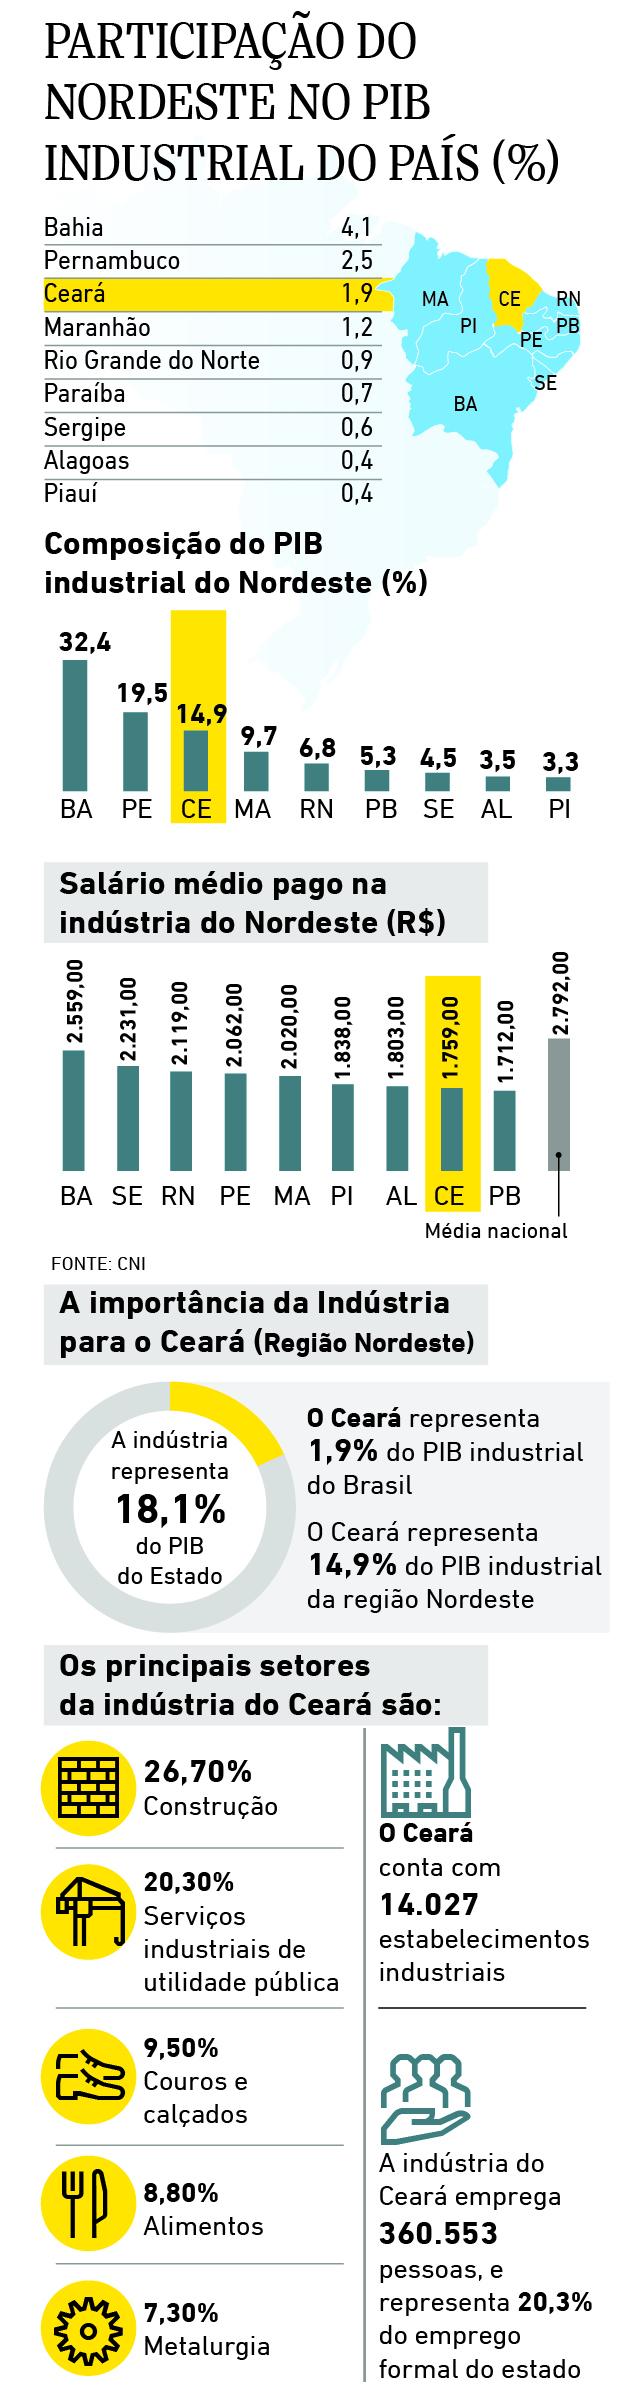 Participação do Nordeste no PIB industrial do País